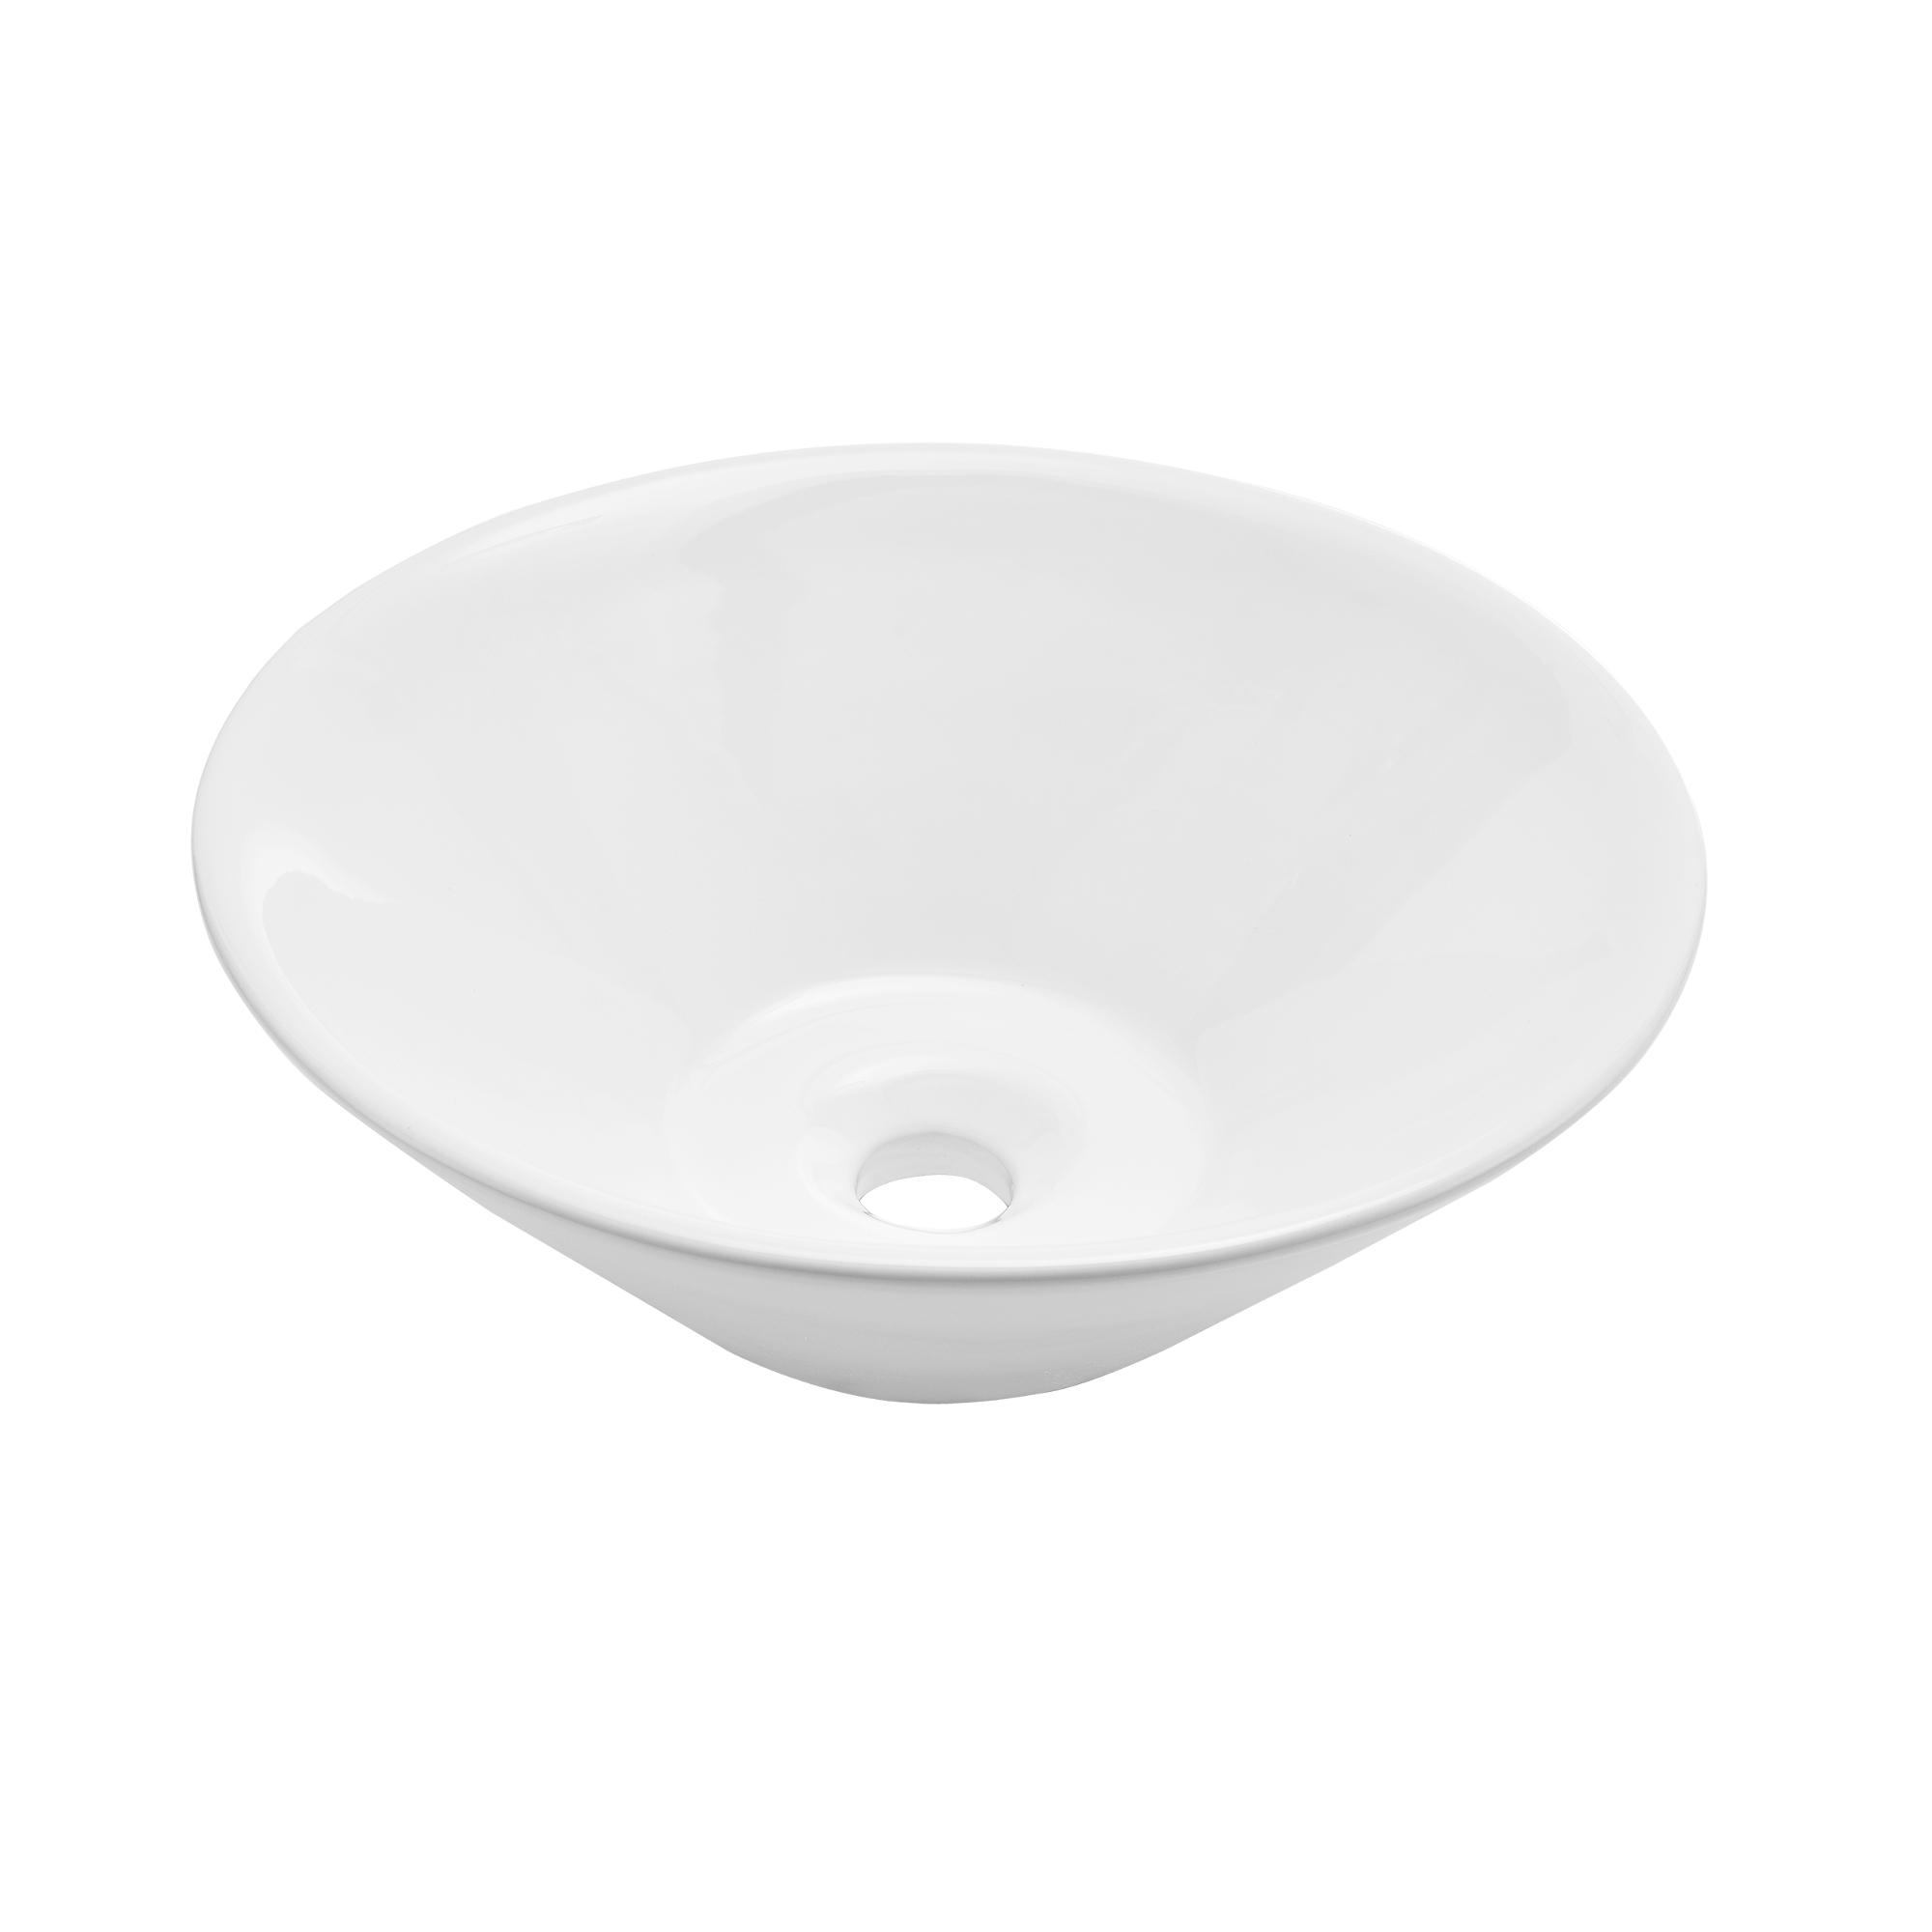 neuhaus waschbecken waschschale keramik waschtisch. Black Bedroom Furniture Sets. Home Design Ideas